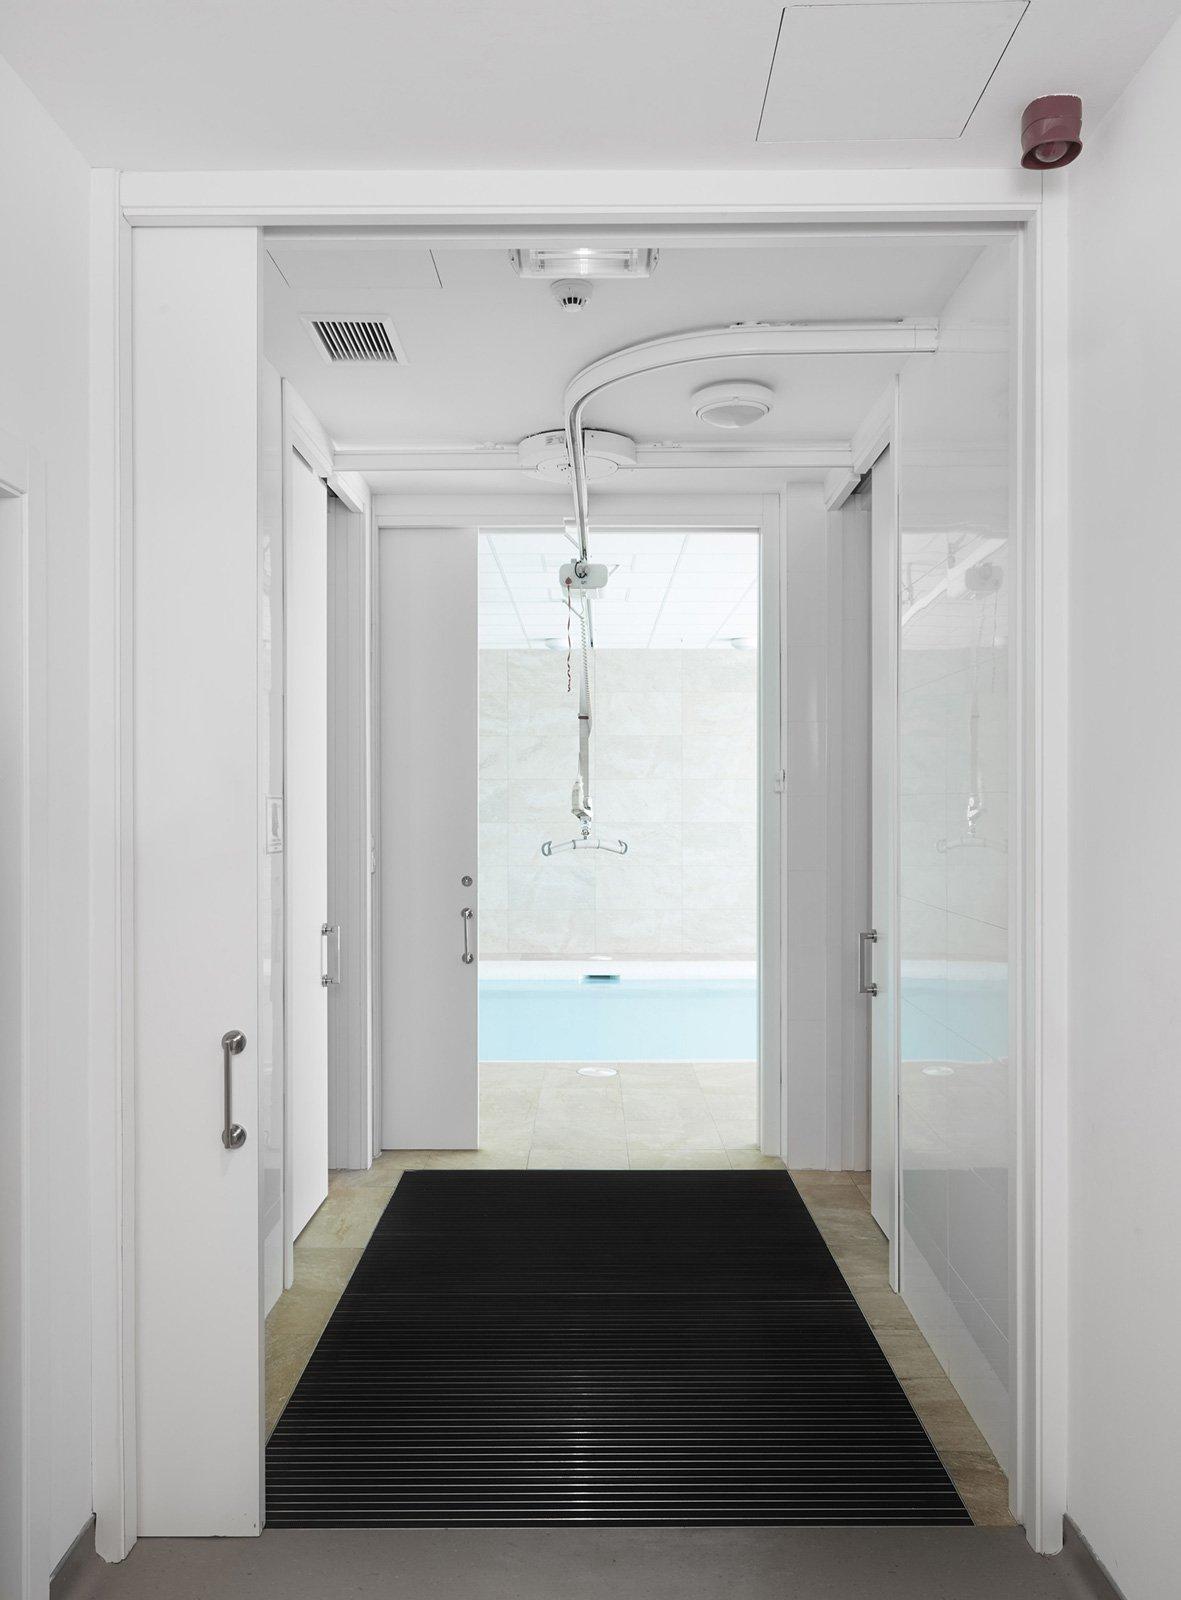 Porte scorrevoli a scomparsa per una casa senza barriere - Pannello decorativo per porte ...